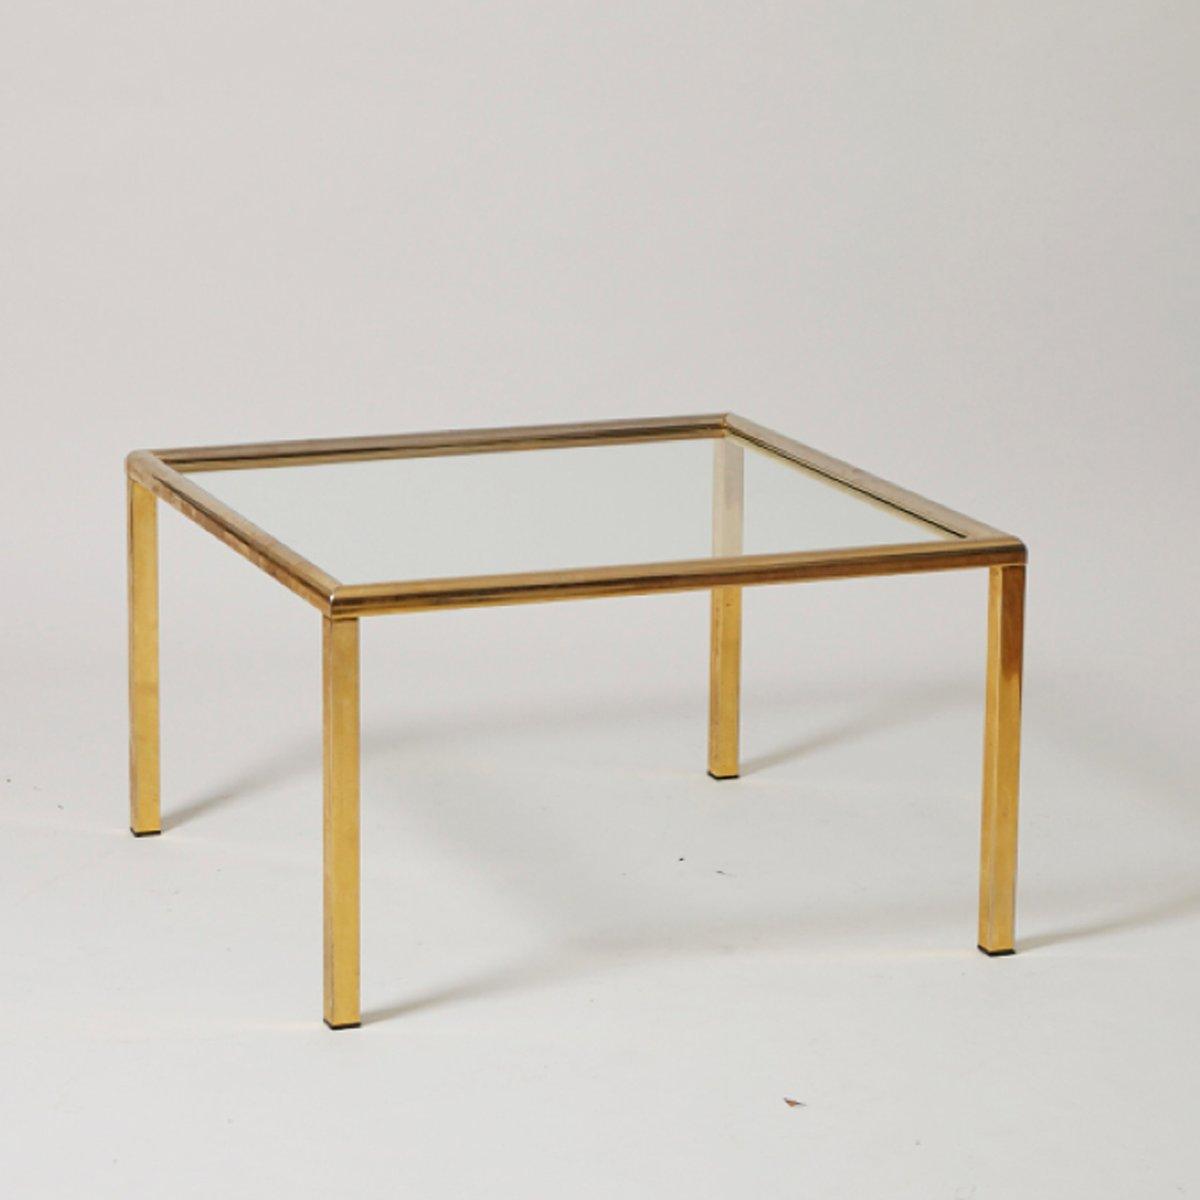 vintage beistelltisch aus messing bei pamono kaufen. Black Bedroom Furniture Sets. Home Design Ideas